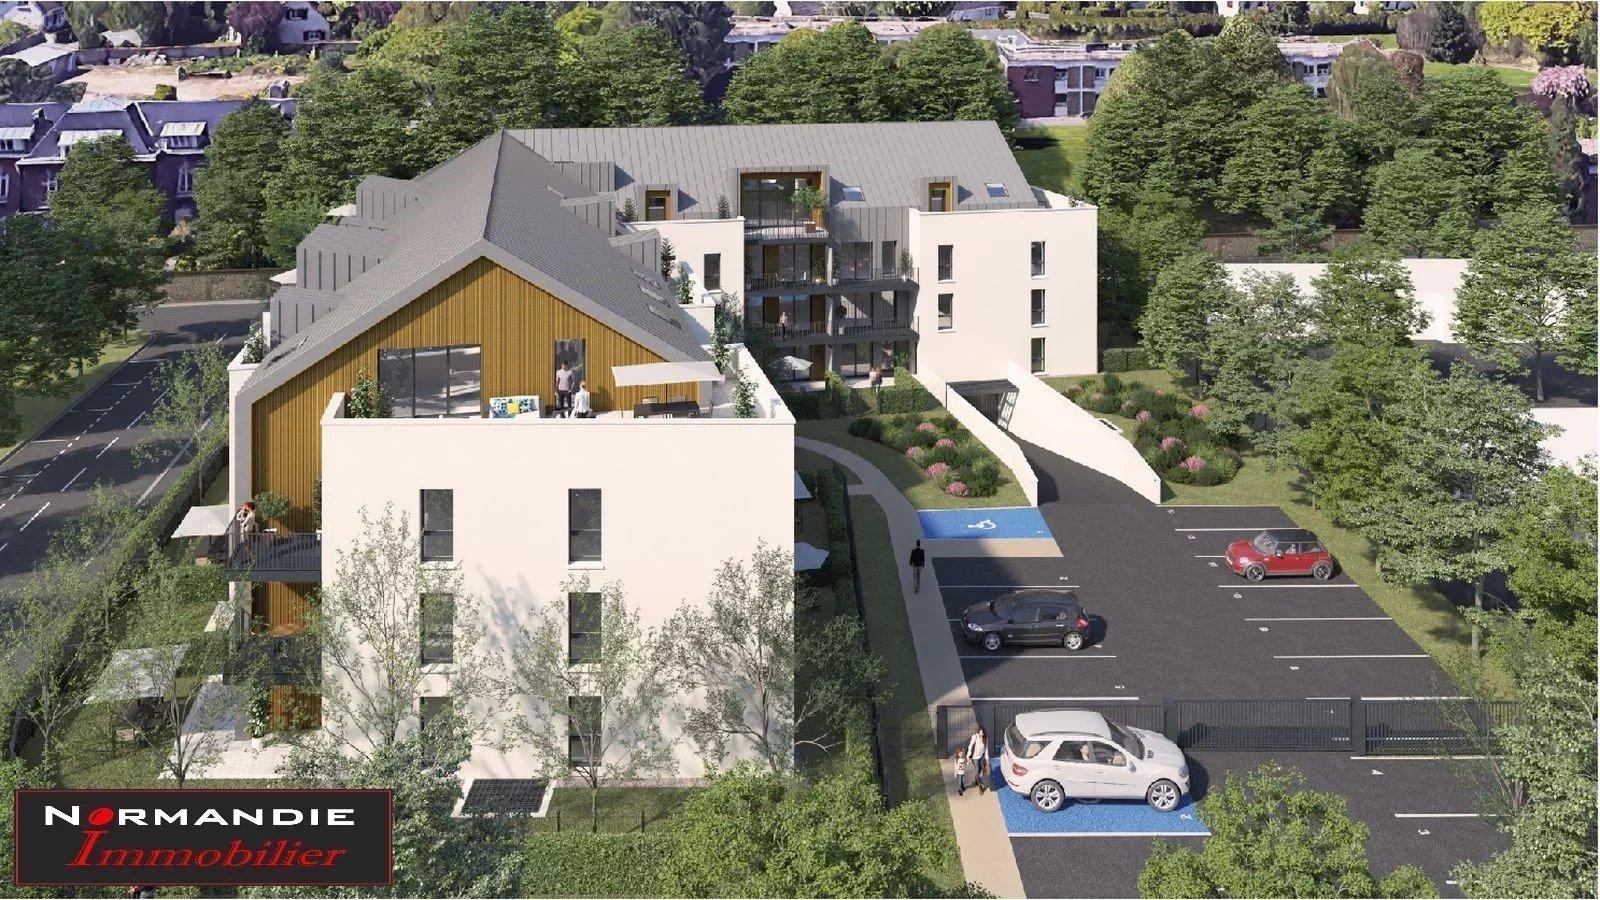 A vendre T3 NEUF Mont-St-Aignan